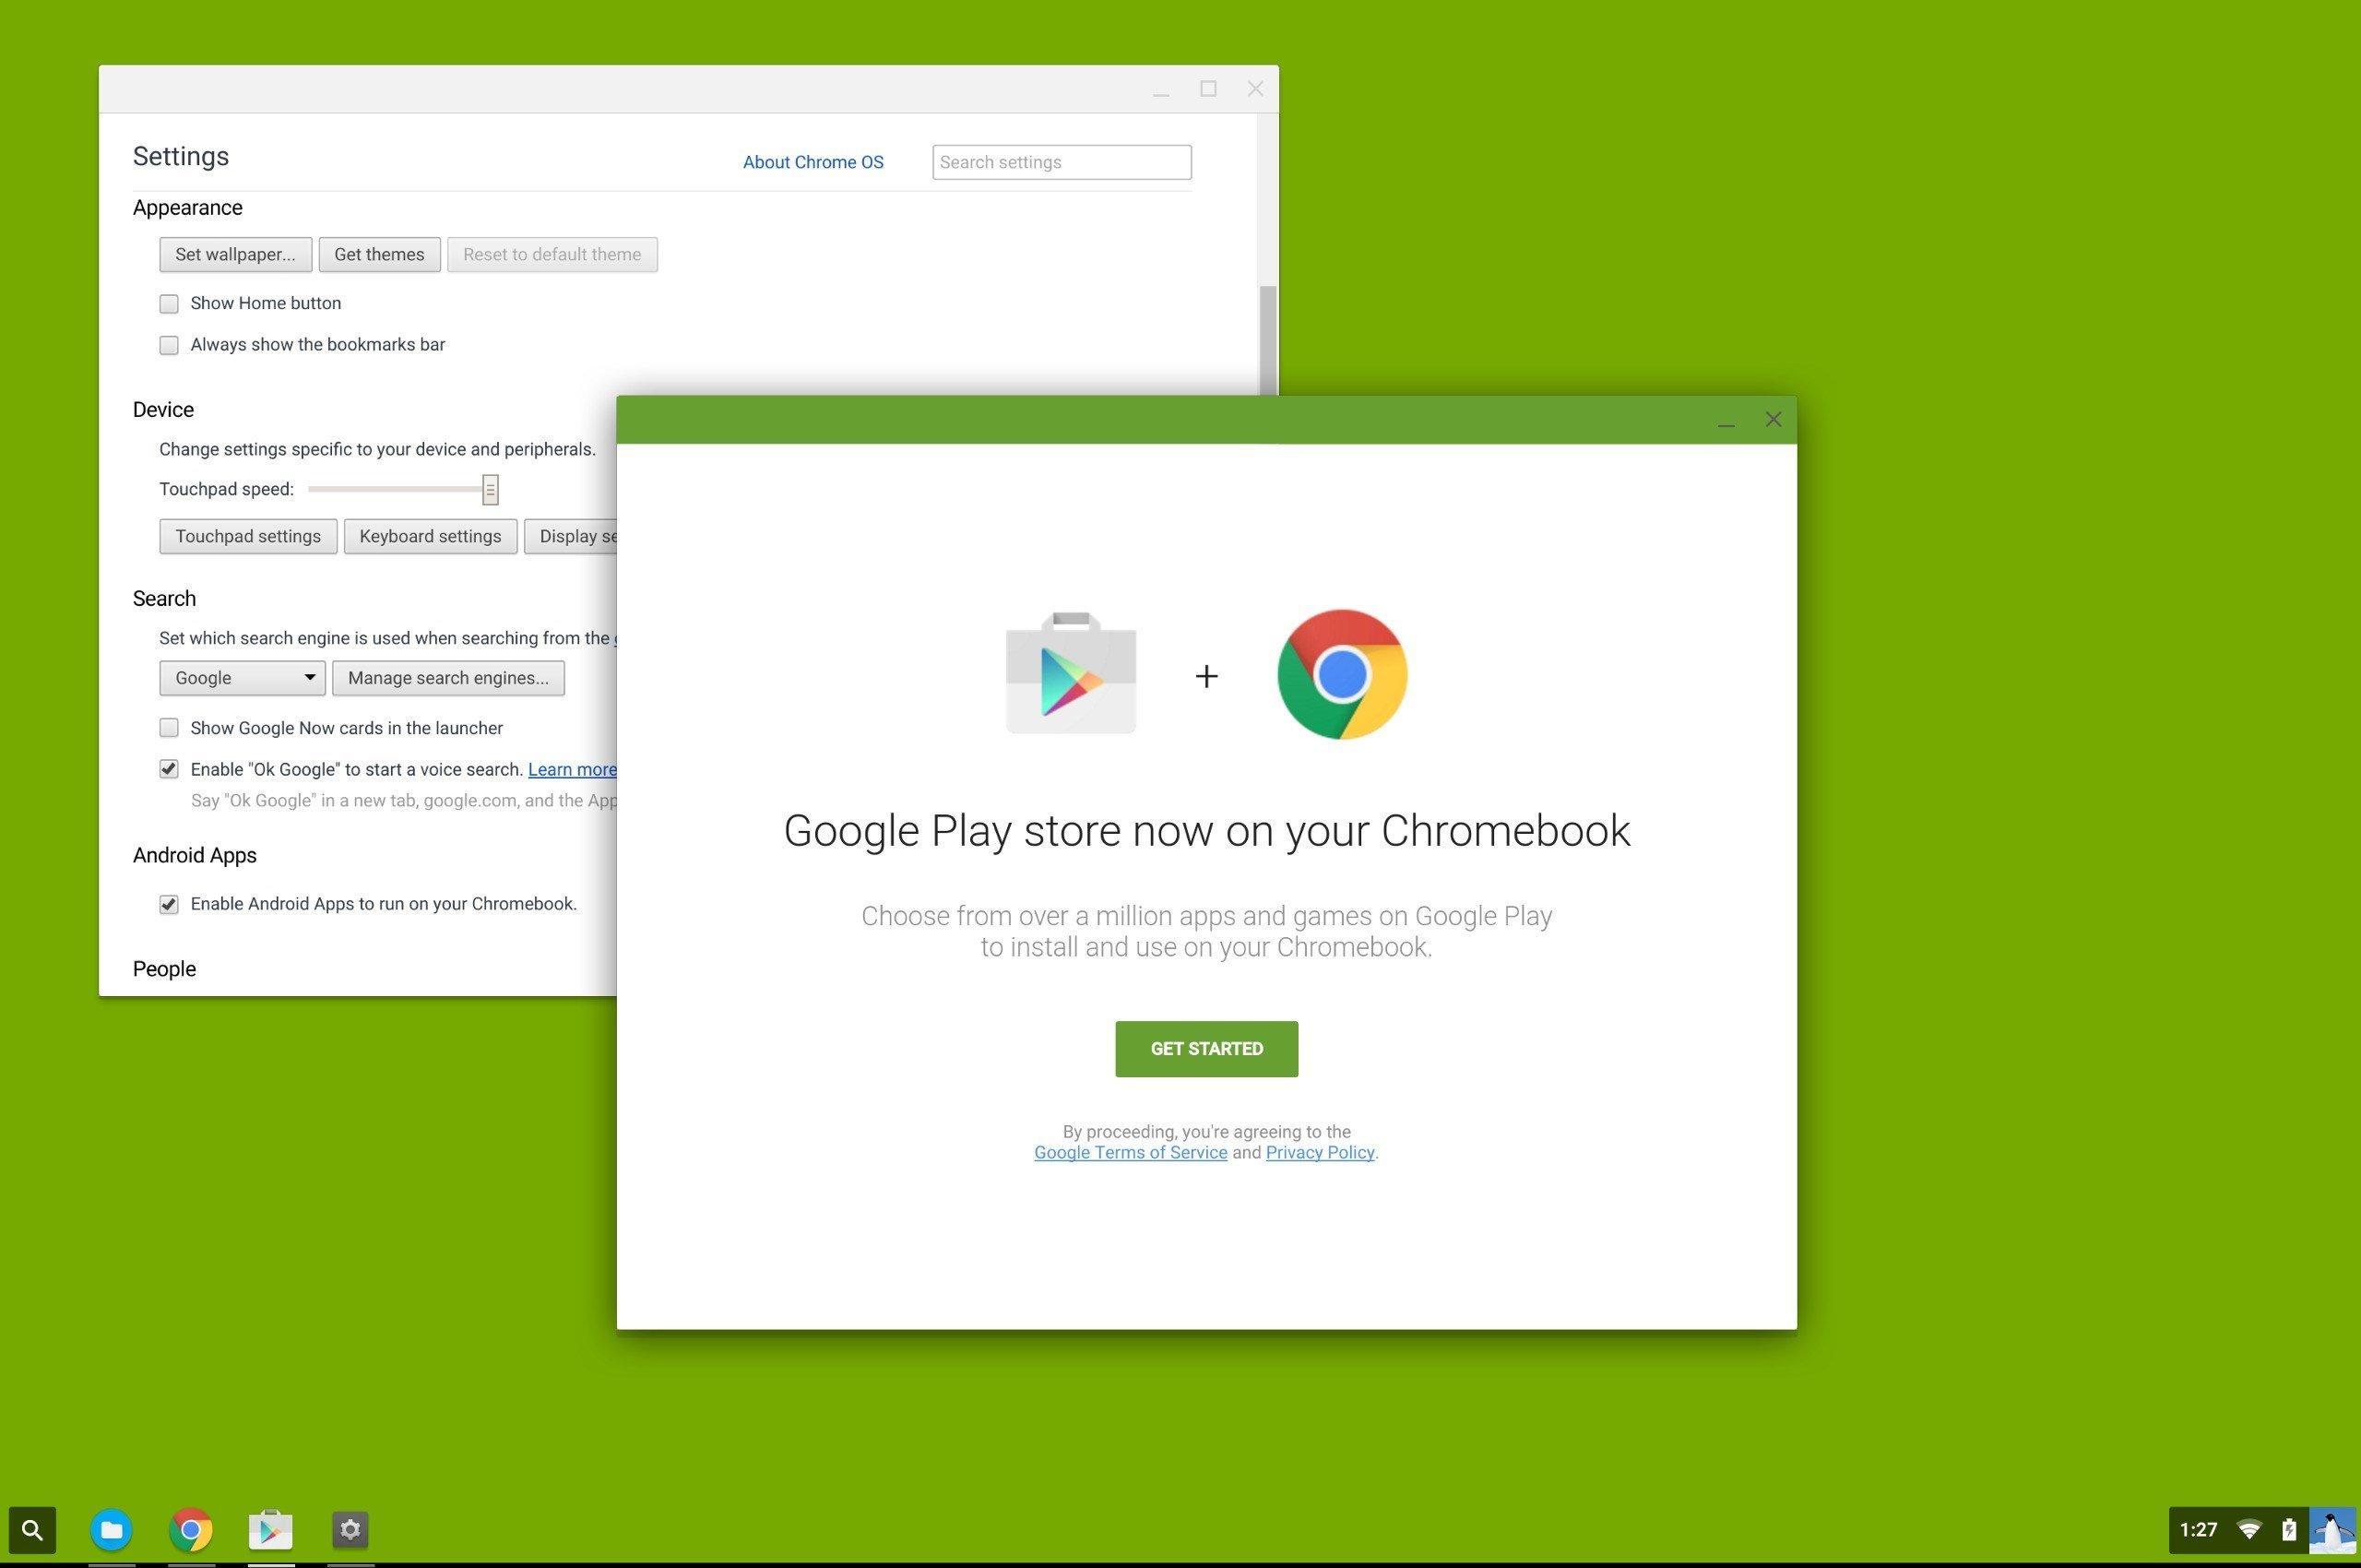 Aplicações Android no Chrome OS